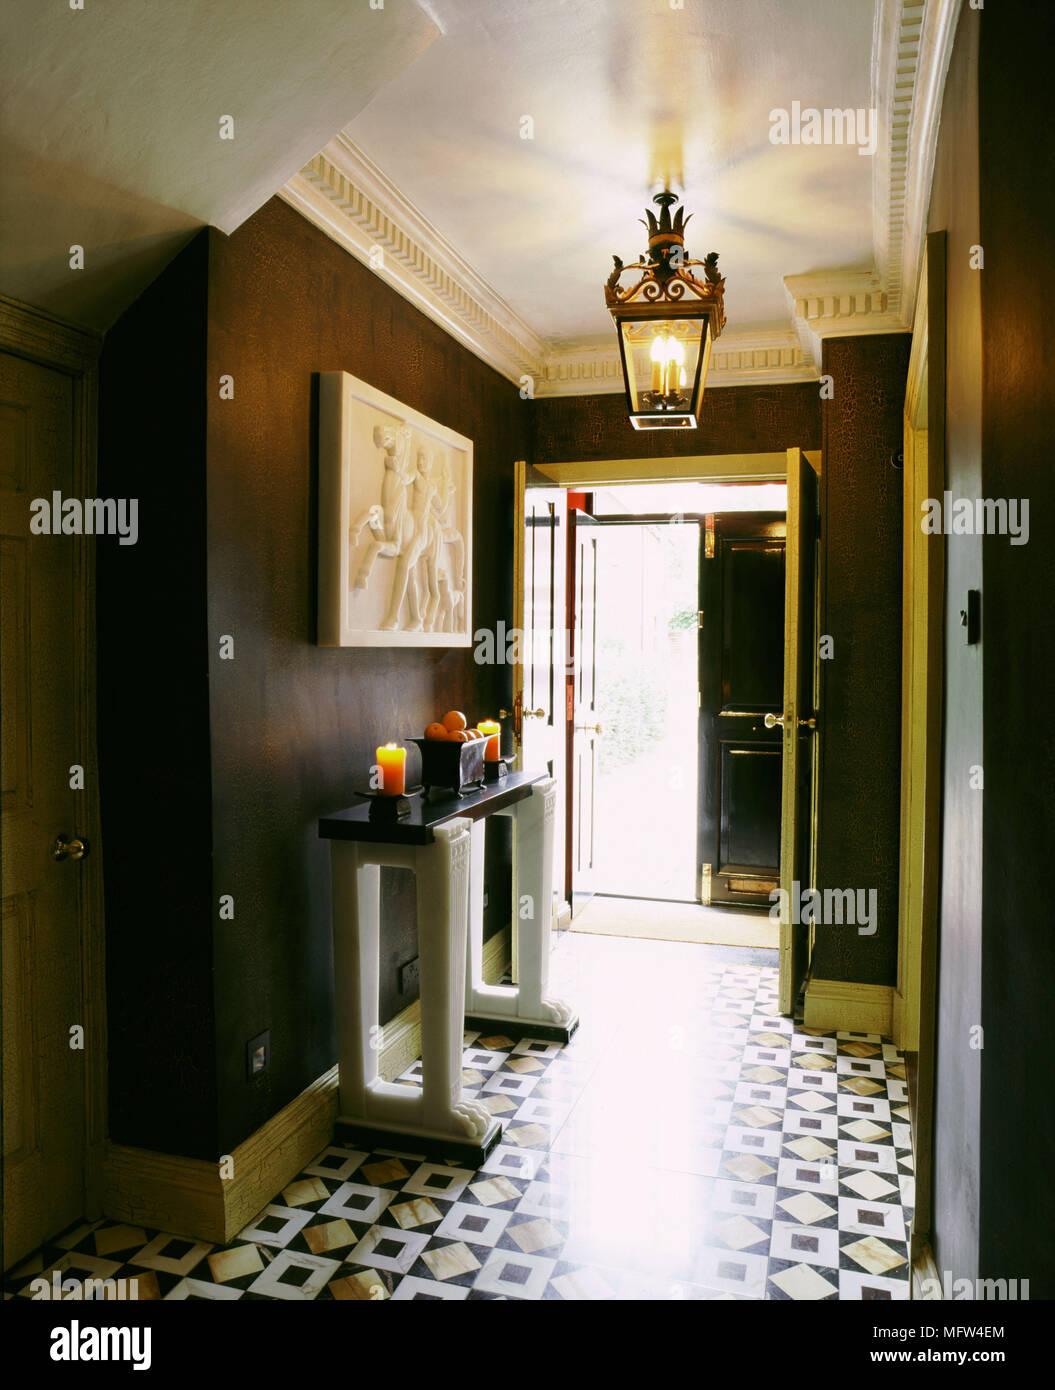 Couloir Brun De Style Classique Photos & Couloir Brun De ...